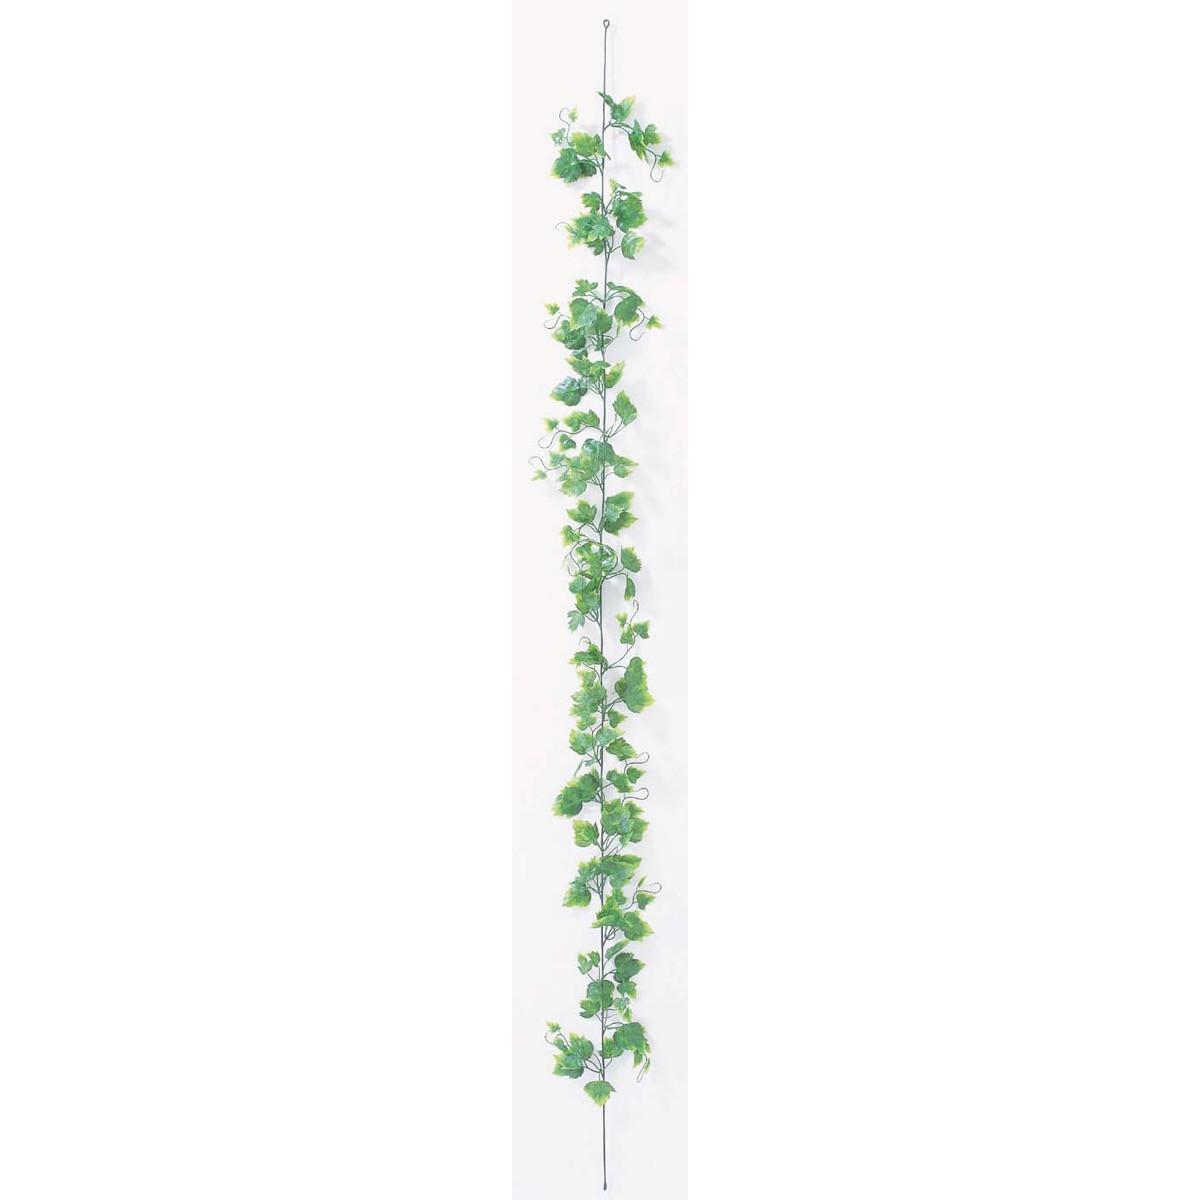 オフィス 消臭 抗菌 おすすめ おしゃれ 癒しのグリーンでいつでも空気すっきり 観葉植物 造花 屋外対応 175cm 至高 CT触媒 光触媒 グレープガーランド インテリア 大決算セール G-L フェイクグリーン 人工観葉植物